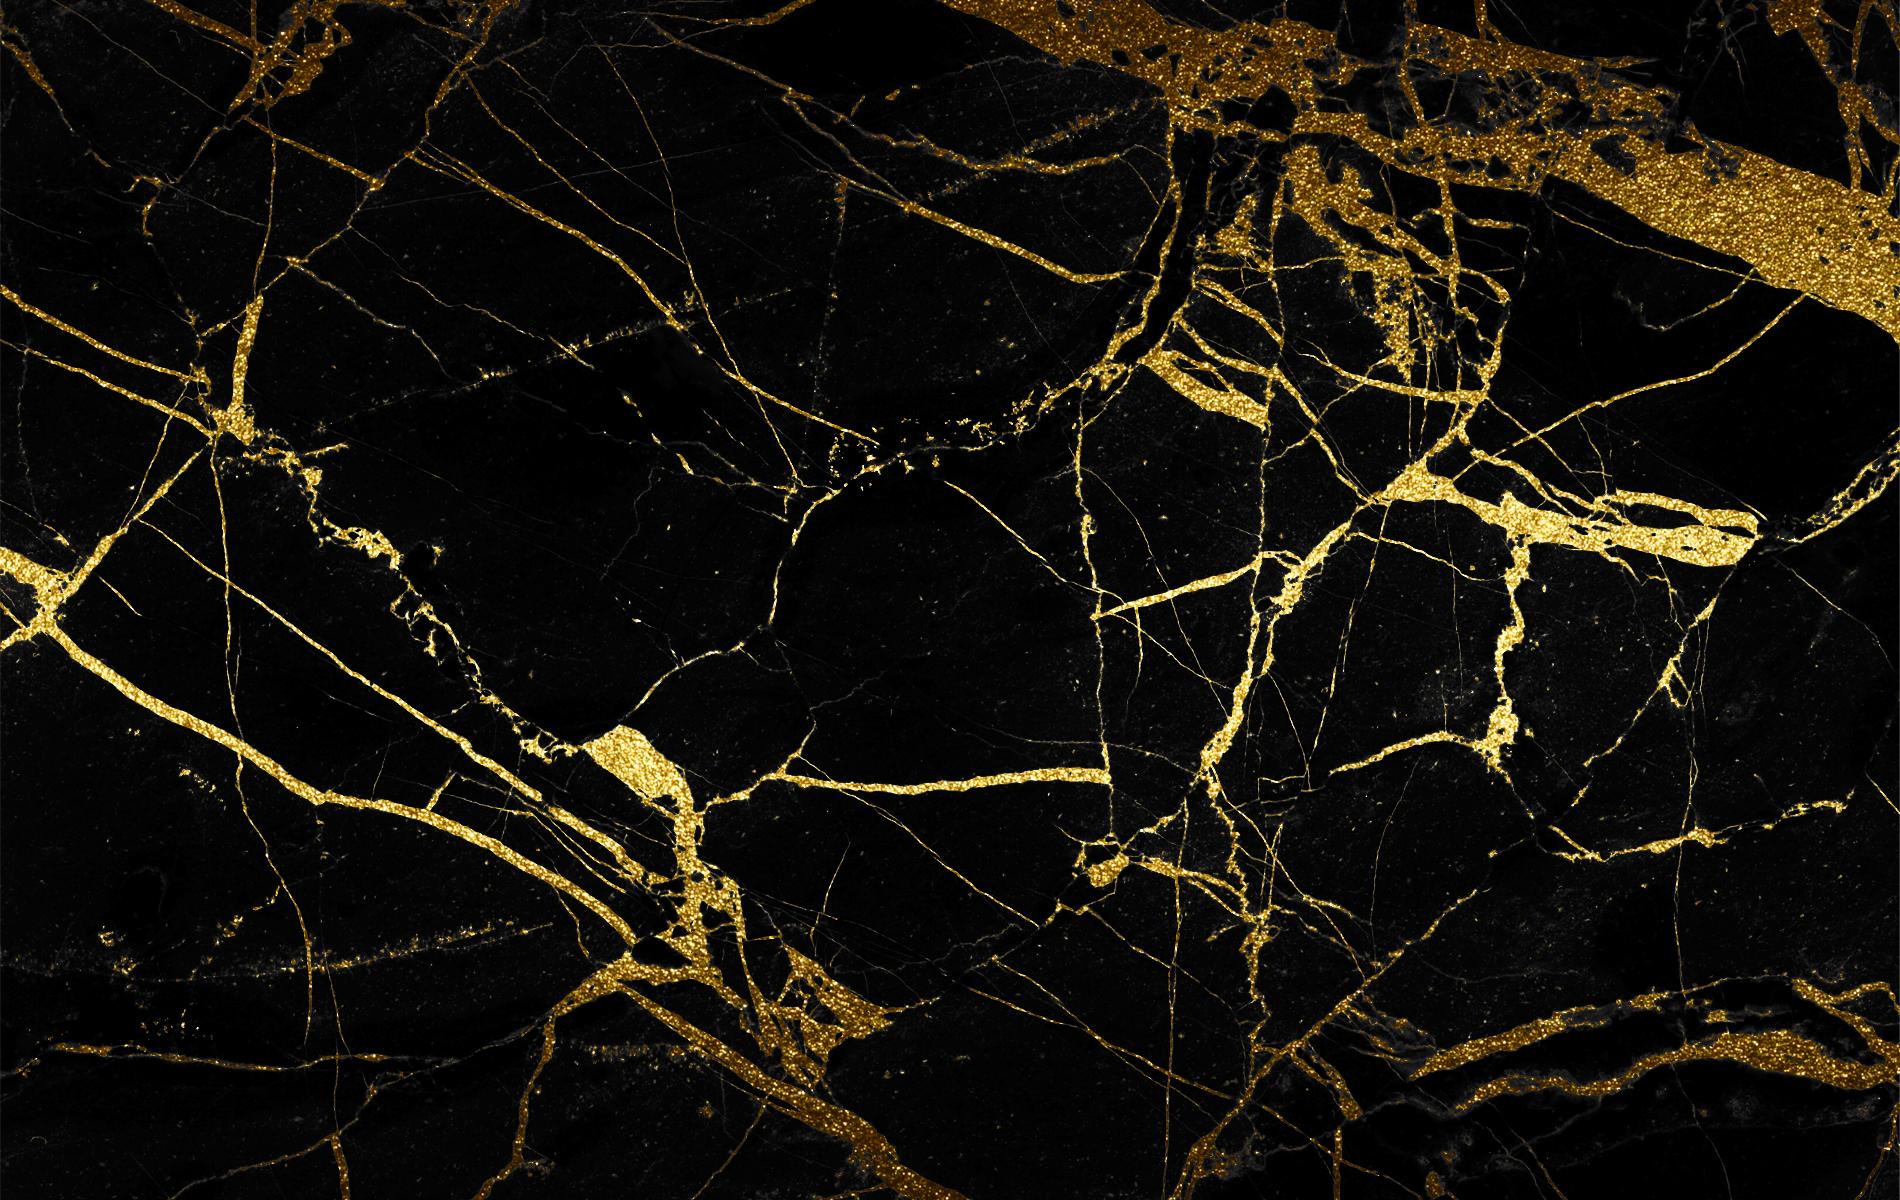 Gold and black wallpaper wallpapersafari for Black and gold wallpaper for walls